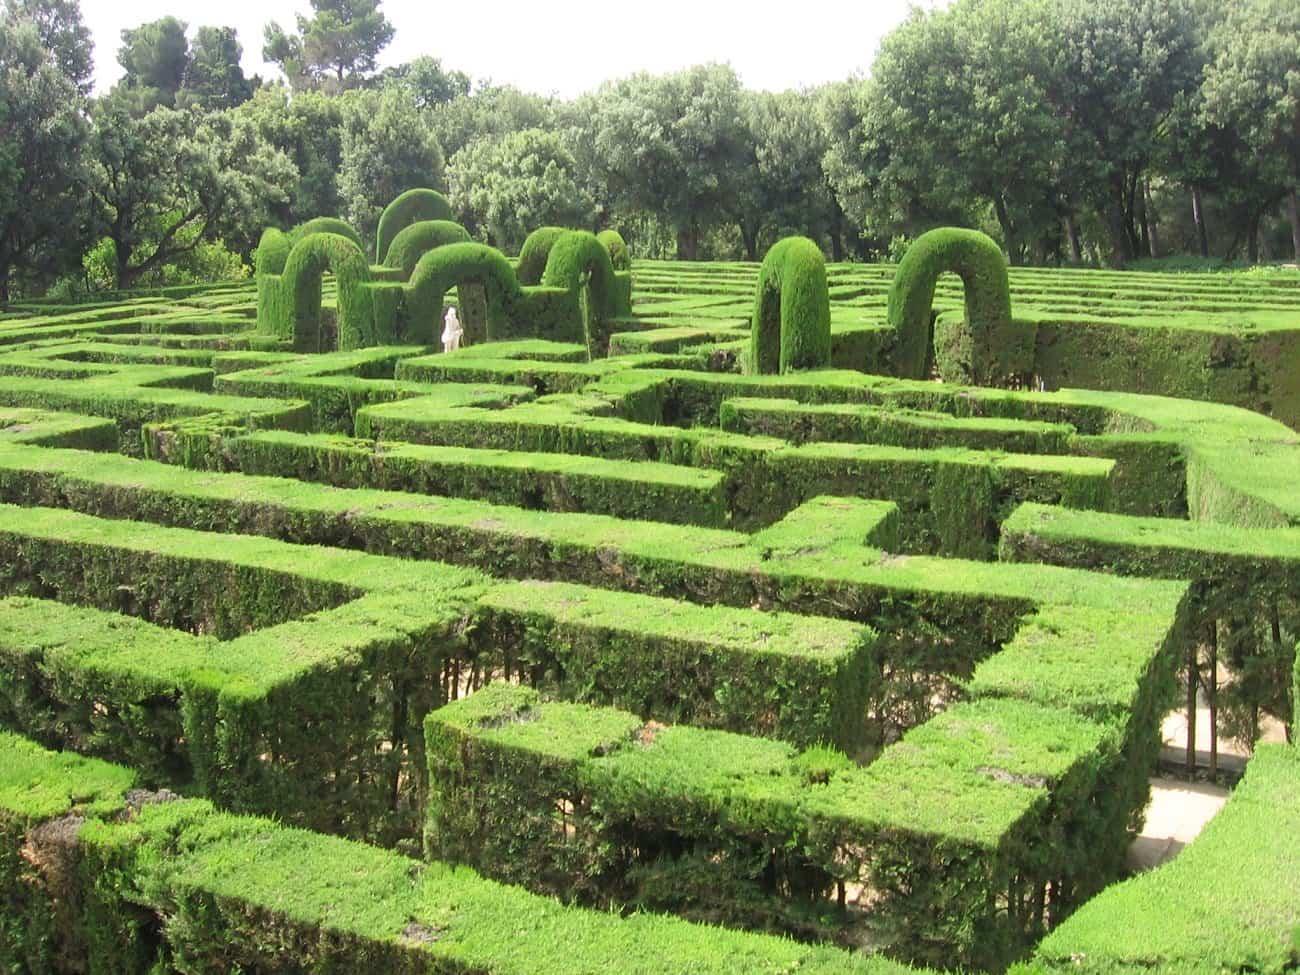 lugares romanticos 1 parque del laberinto de horta